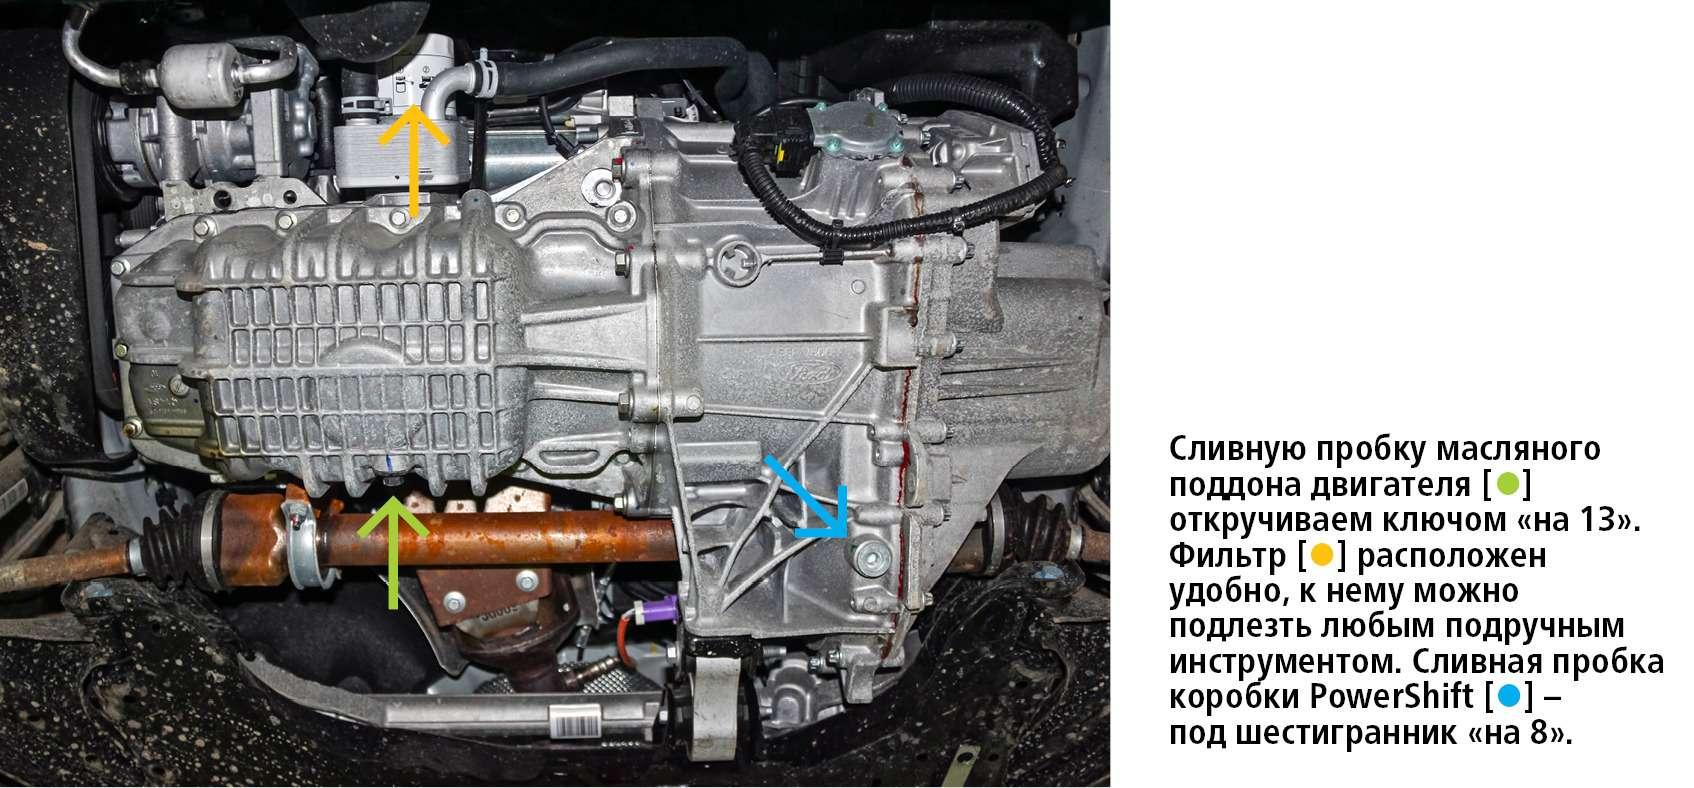 Ford Fiesta: проверка наремонтопригодность— фото 610302